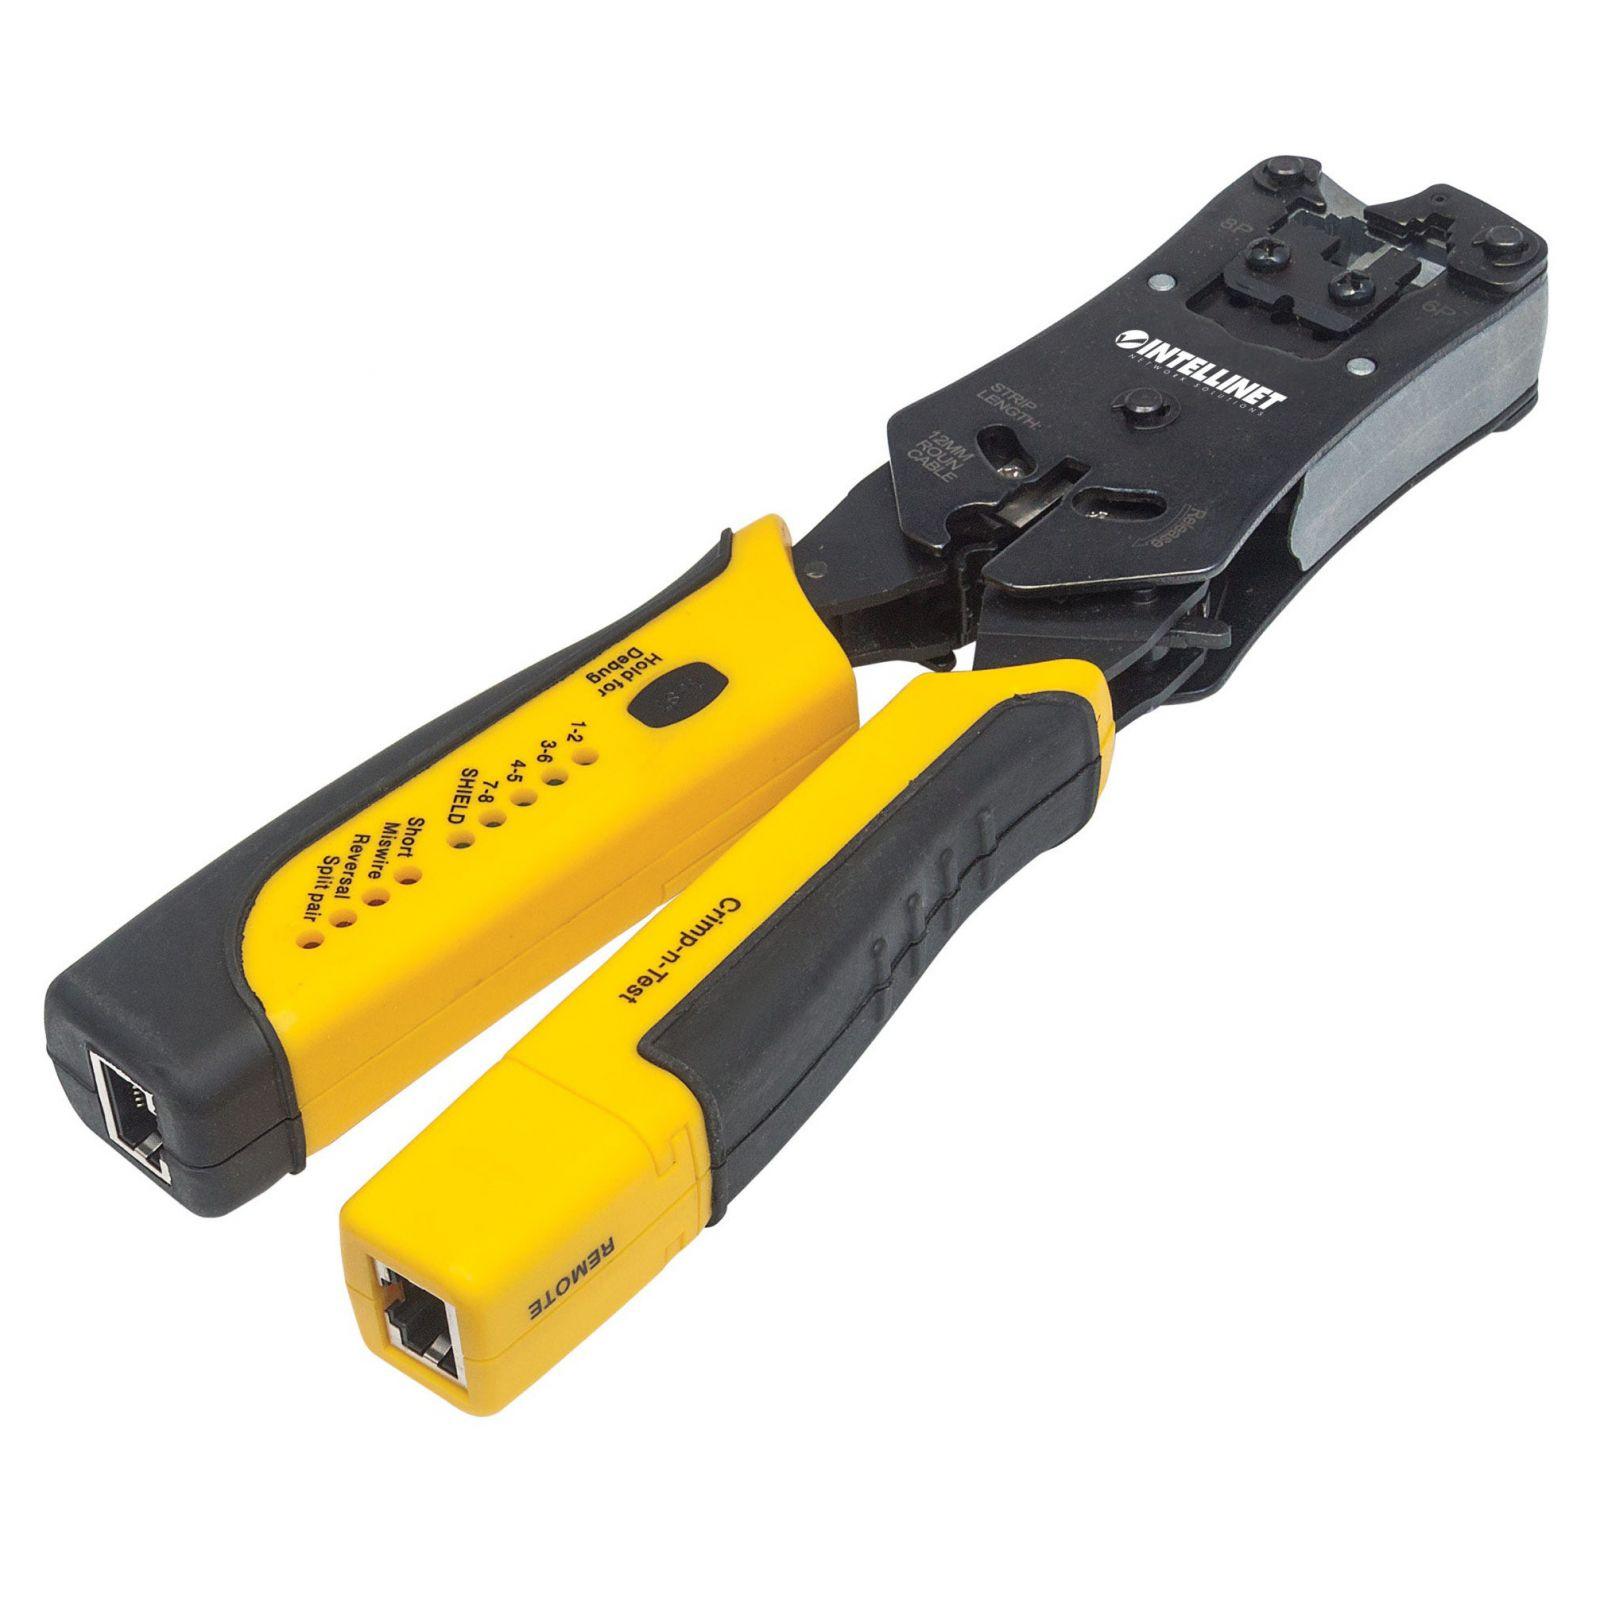 INTELLINET 780124 :: Универсални клещи за кримпване с вграден тестер RJ-45/12/11/22